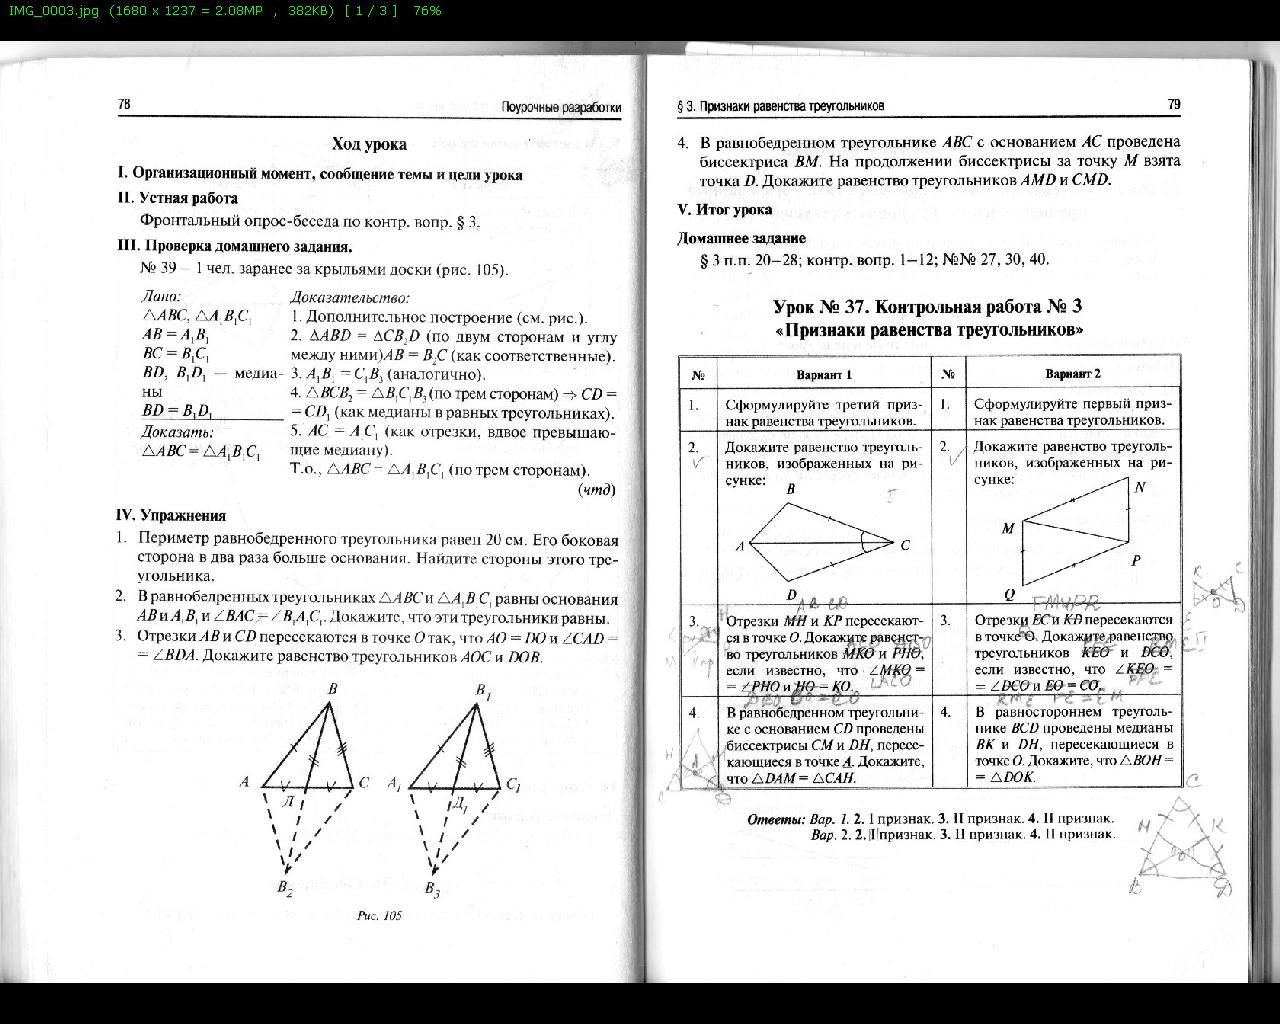 гдз к контрольной по геометрии 7 класс по теме треугольники